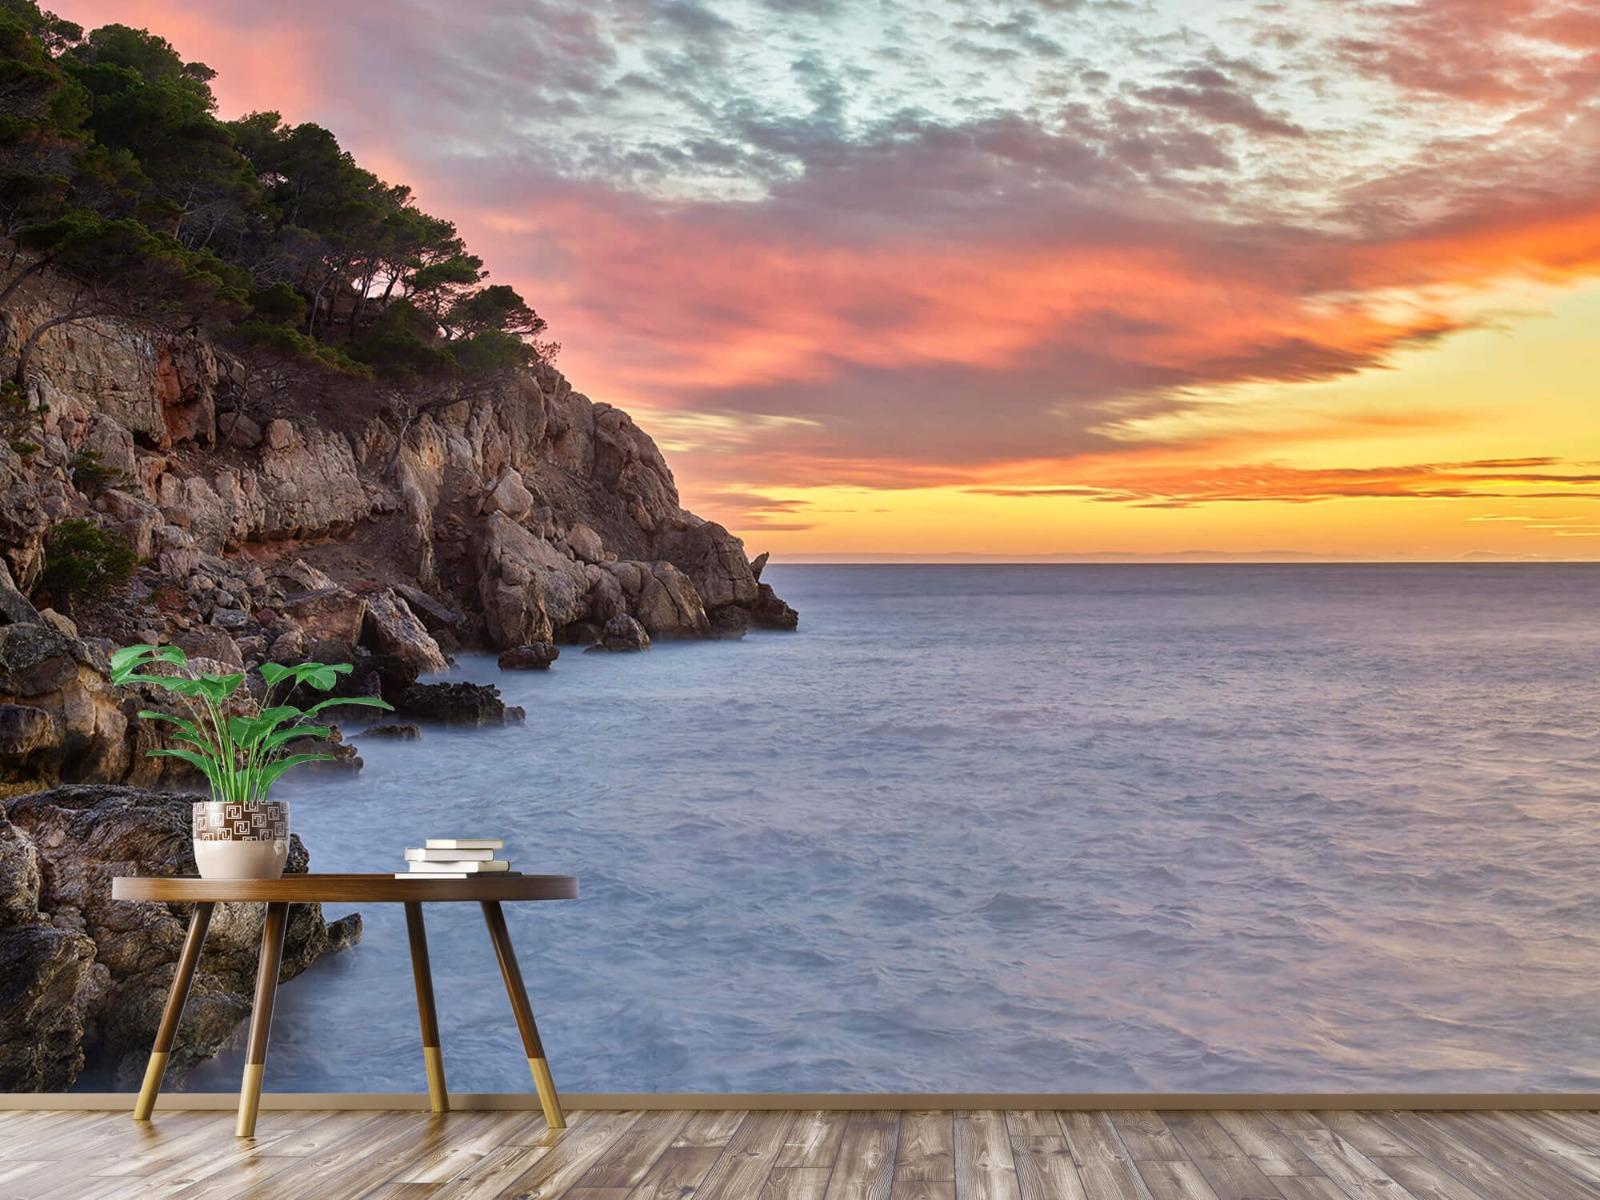 Zeeën en Oceanen - Kleurrijke zonsondergang - Slaapkamer 4